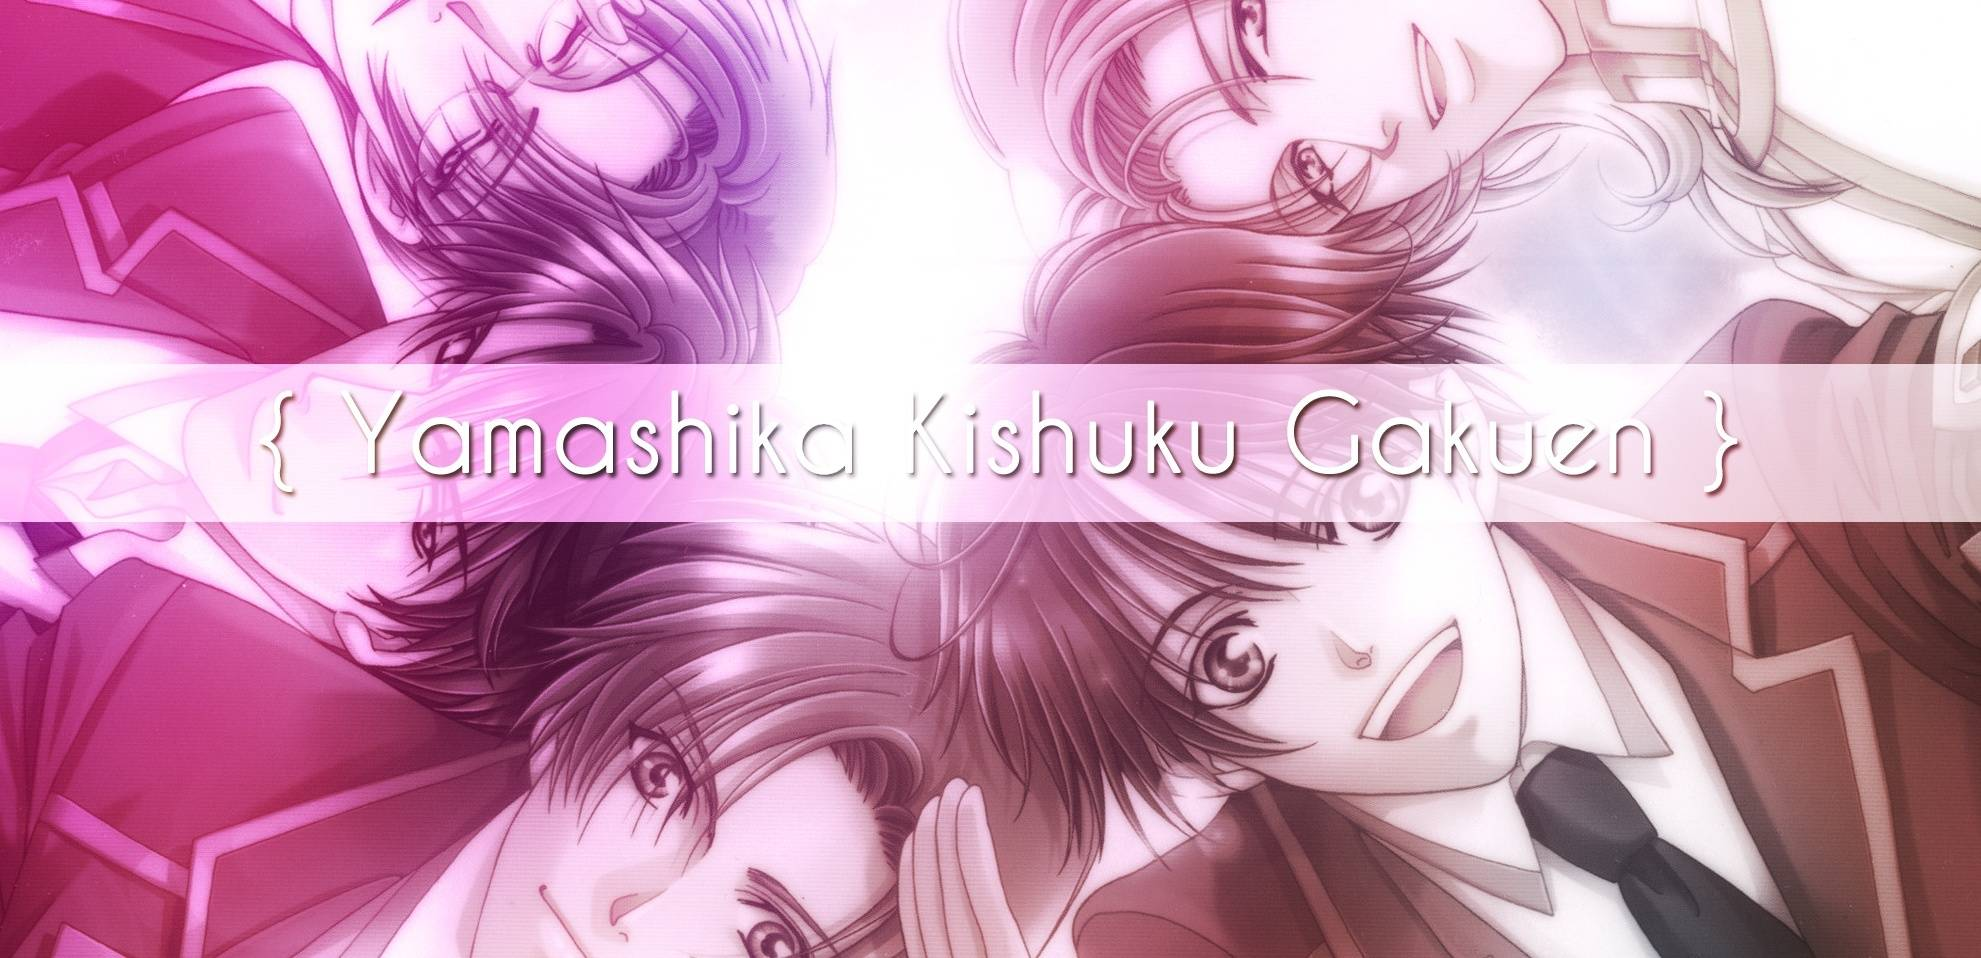 Yamashika Kishuku Gakkuen Gakuen10